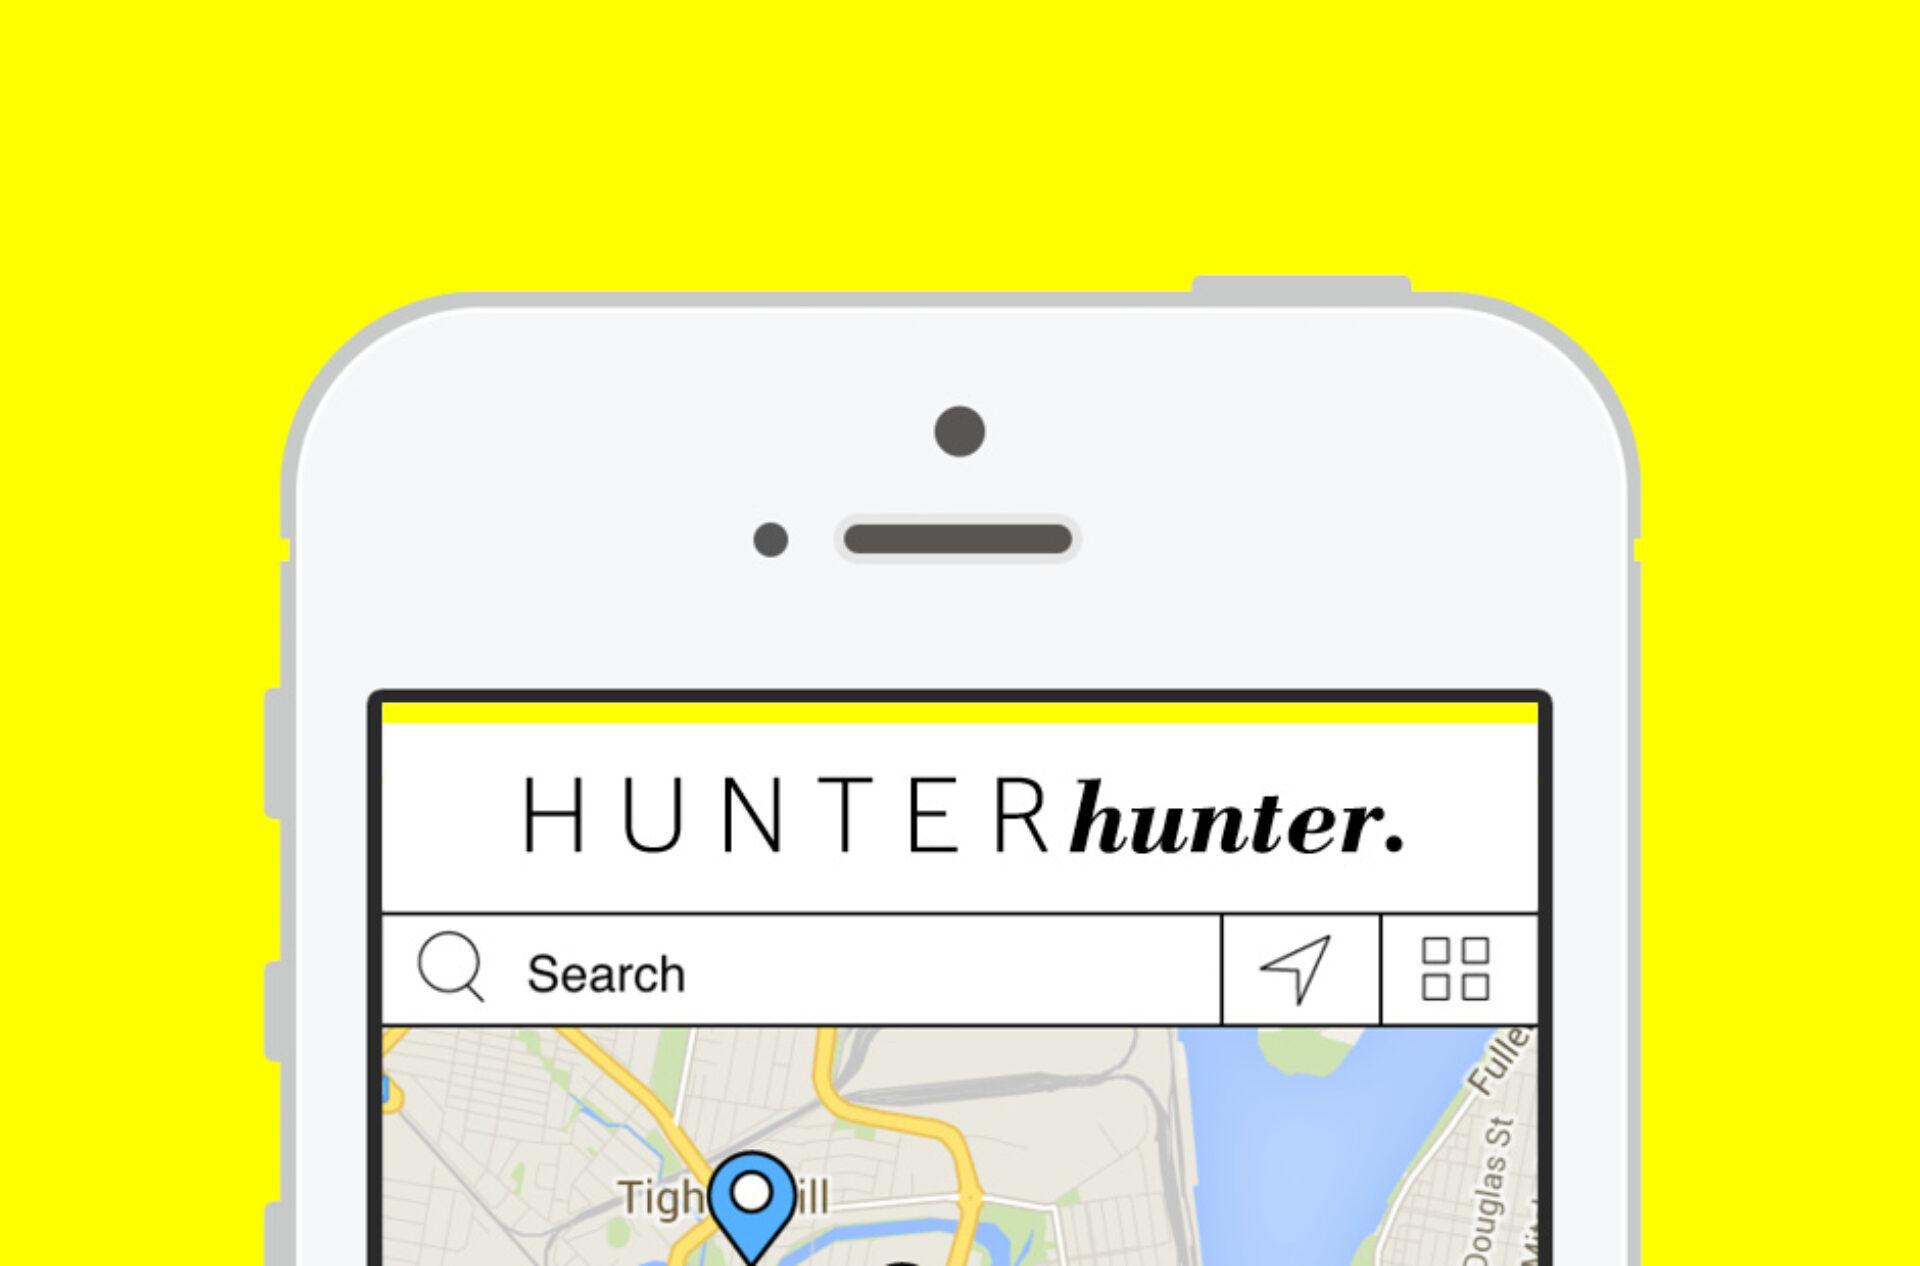 Headjam hunterhunter app 001